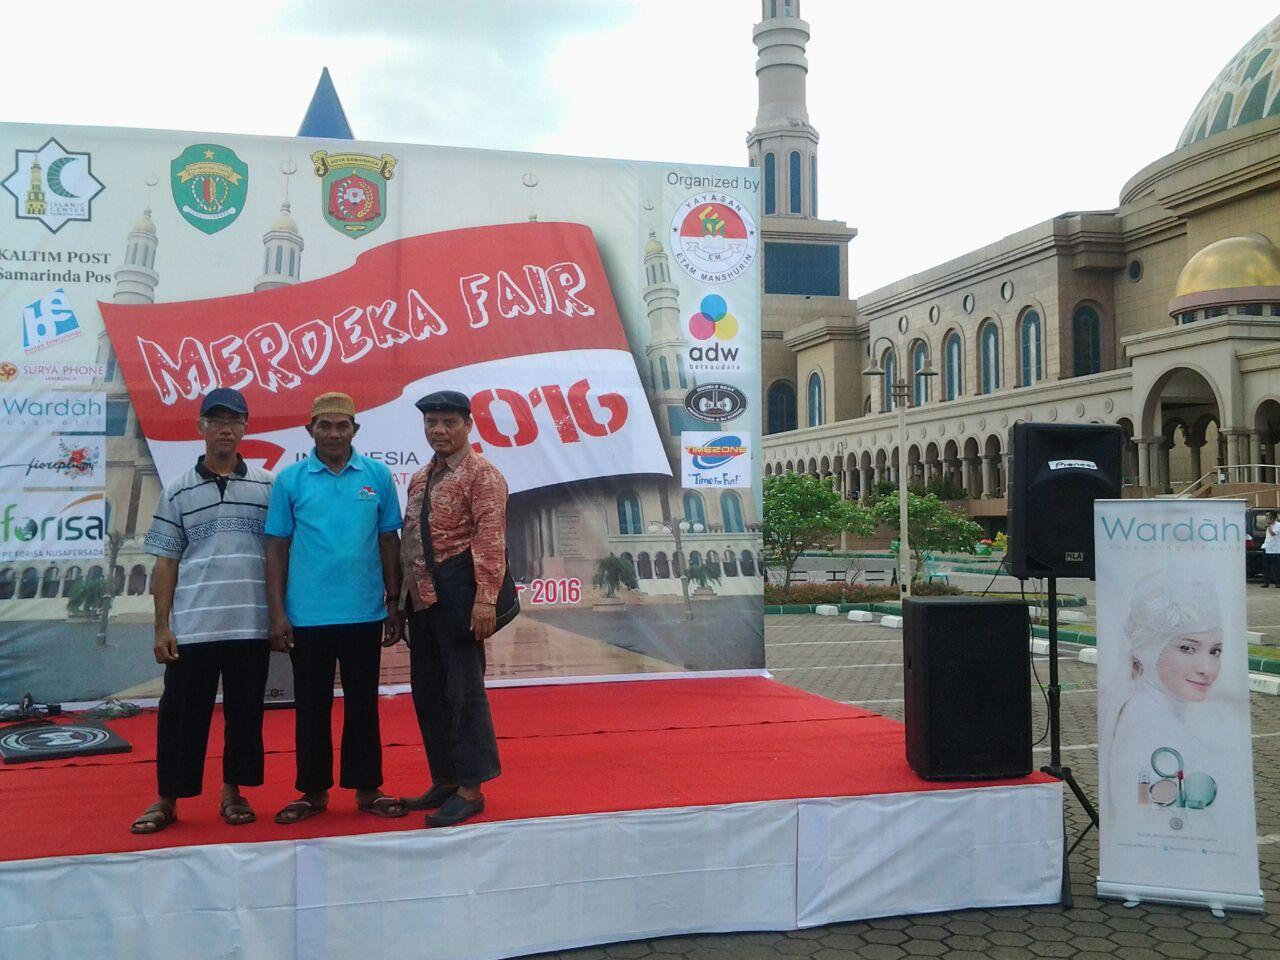 Yayasan Etam Sukses Gelar Merdeka Fair di Islamic Center Samarinda